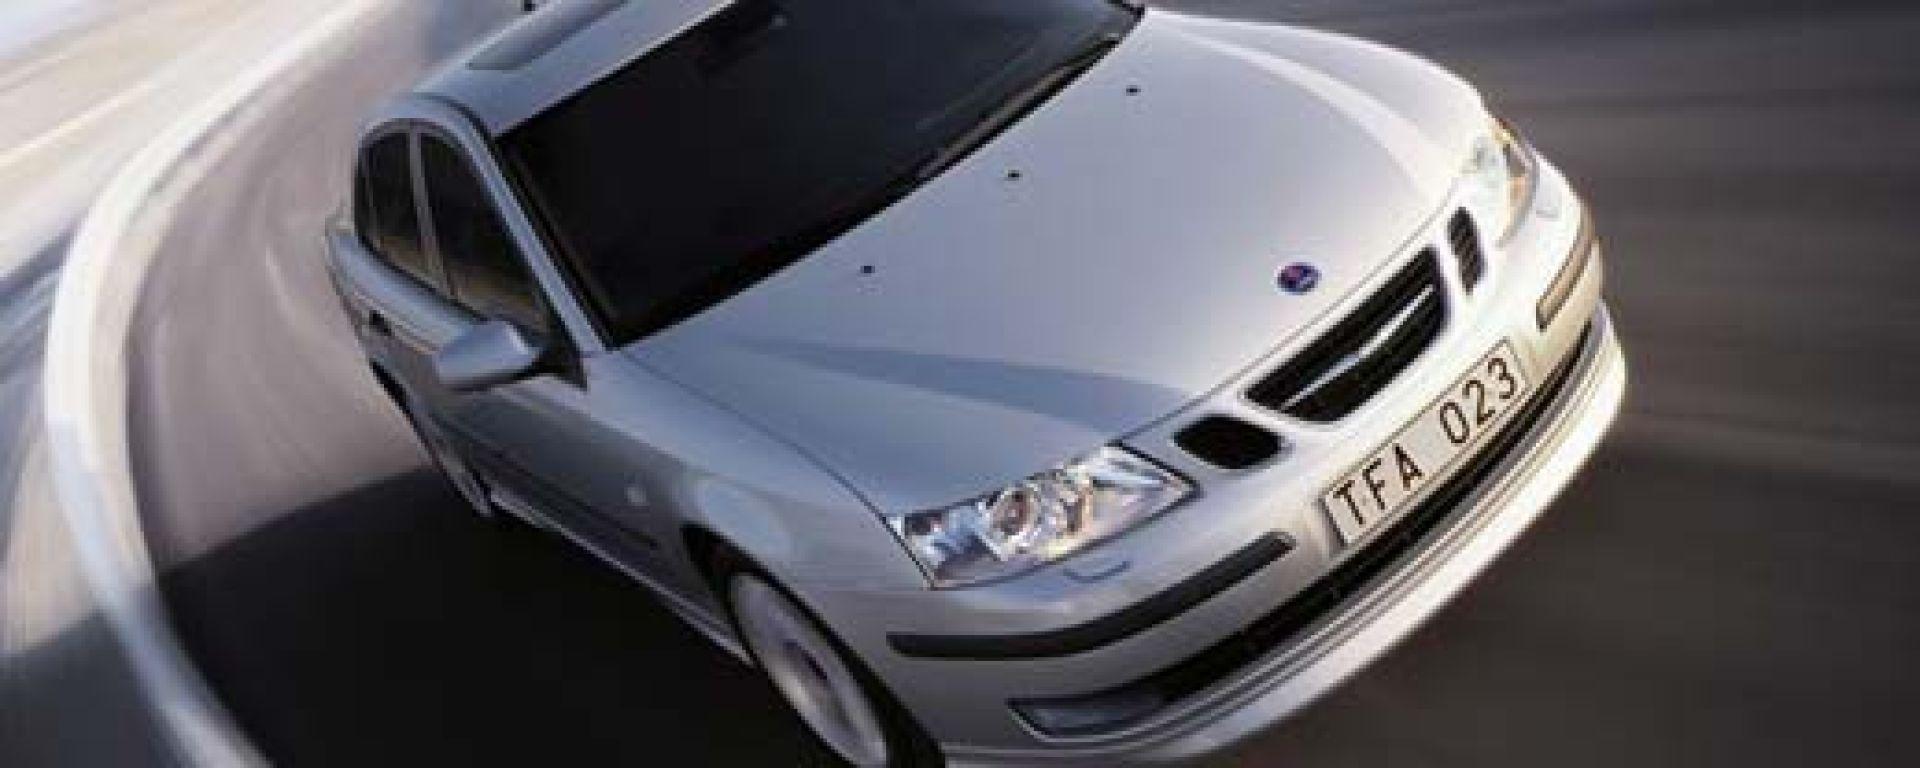 Saab 9-3 my 2002